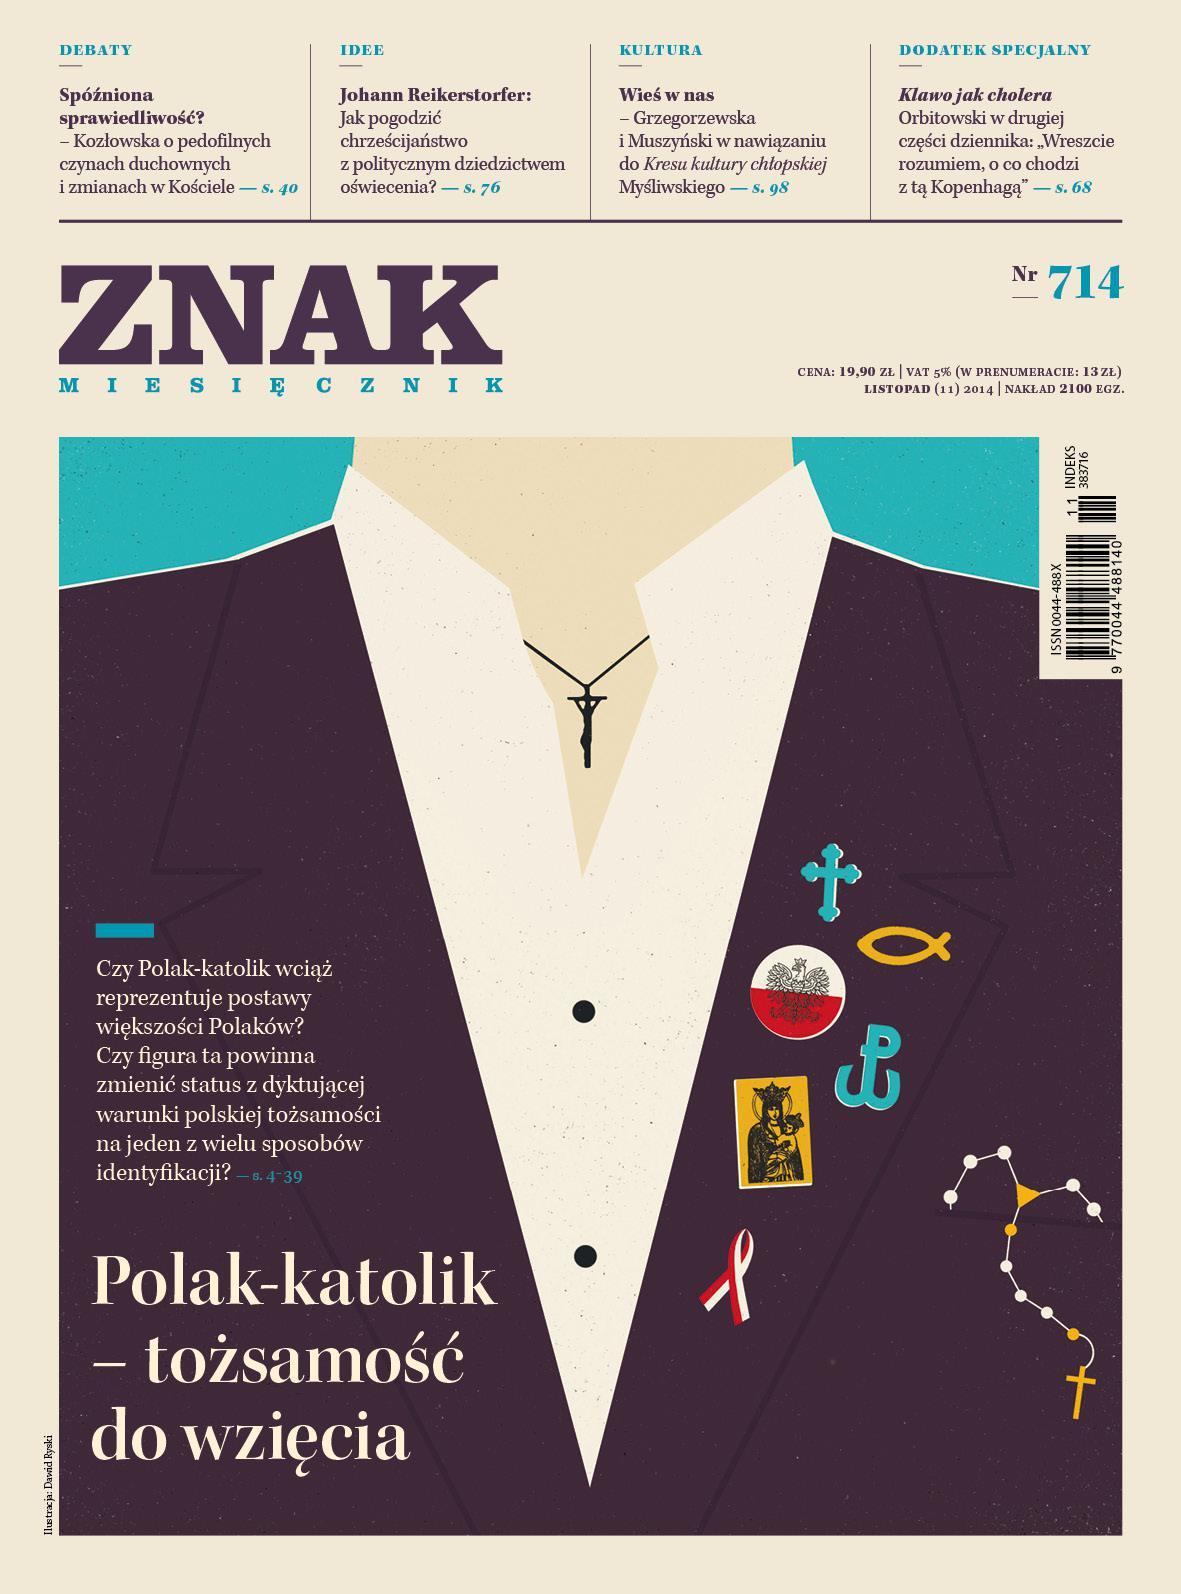 Miesięcznik Znak. Listopad 2014 - Ebook (Książka EPUB) do pobrania w formacie EPUB